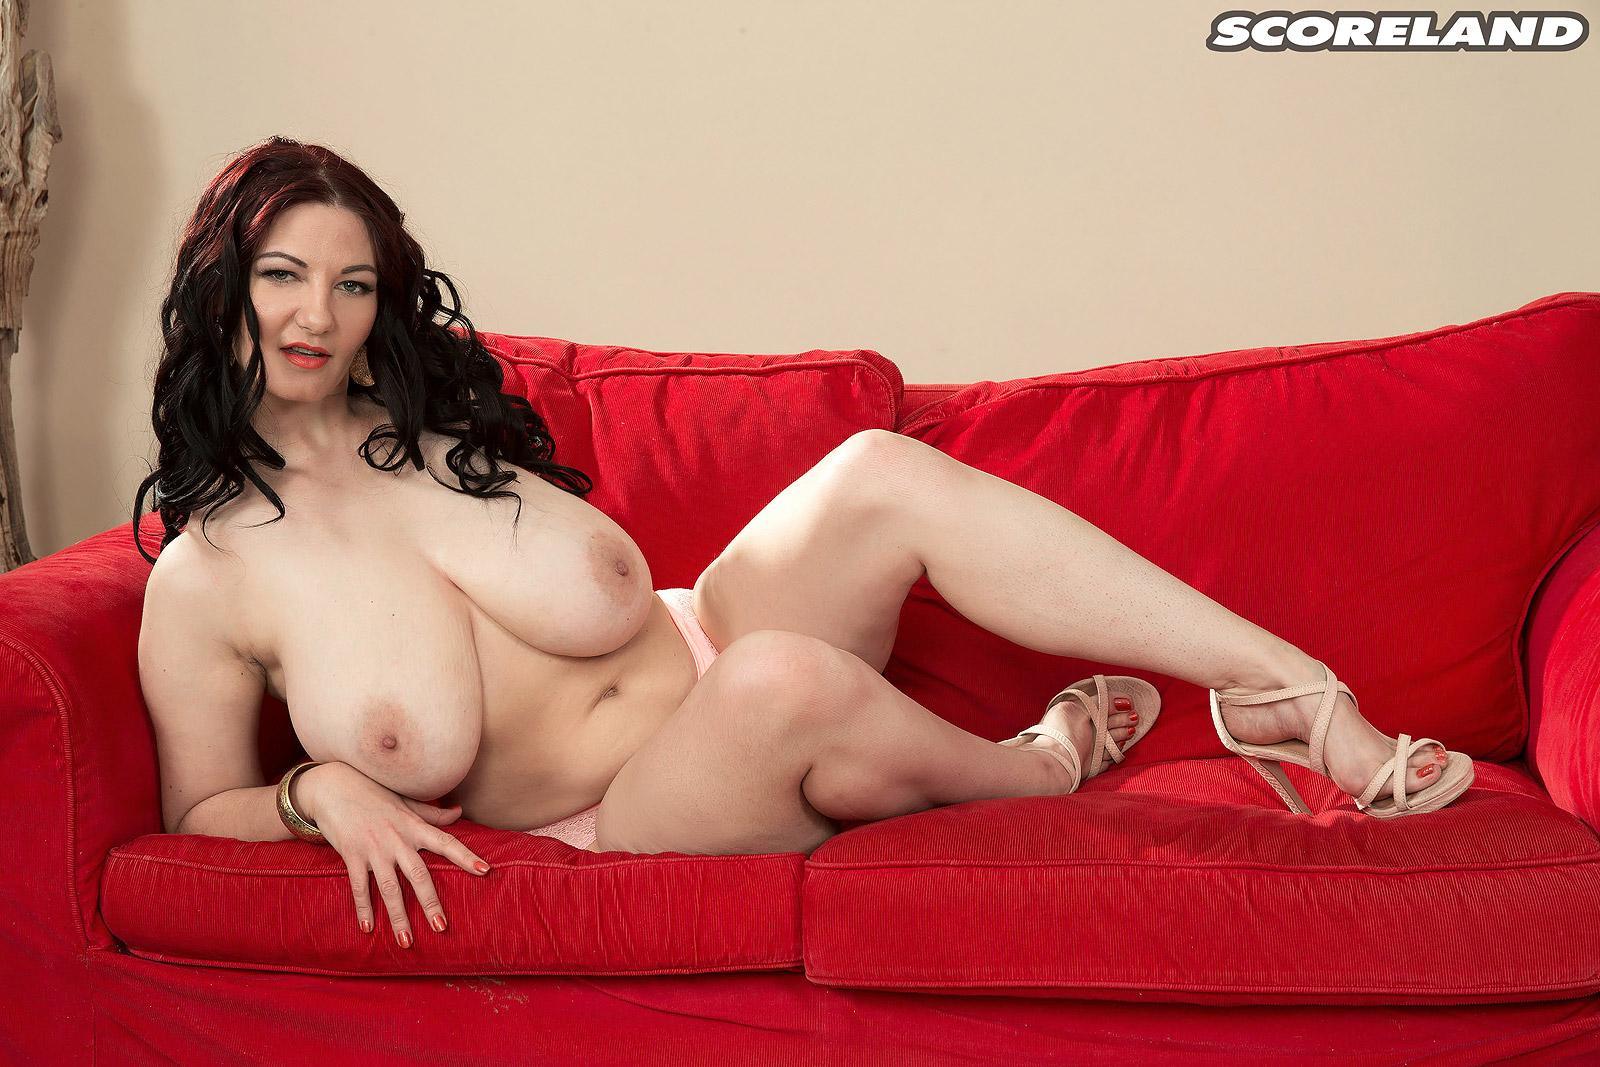 Desi plump thighs naked girls